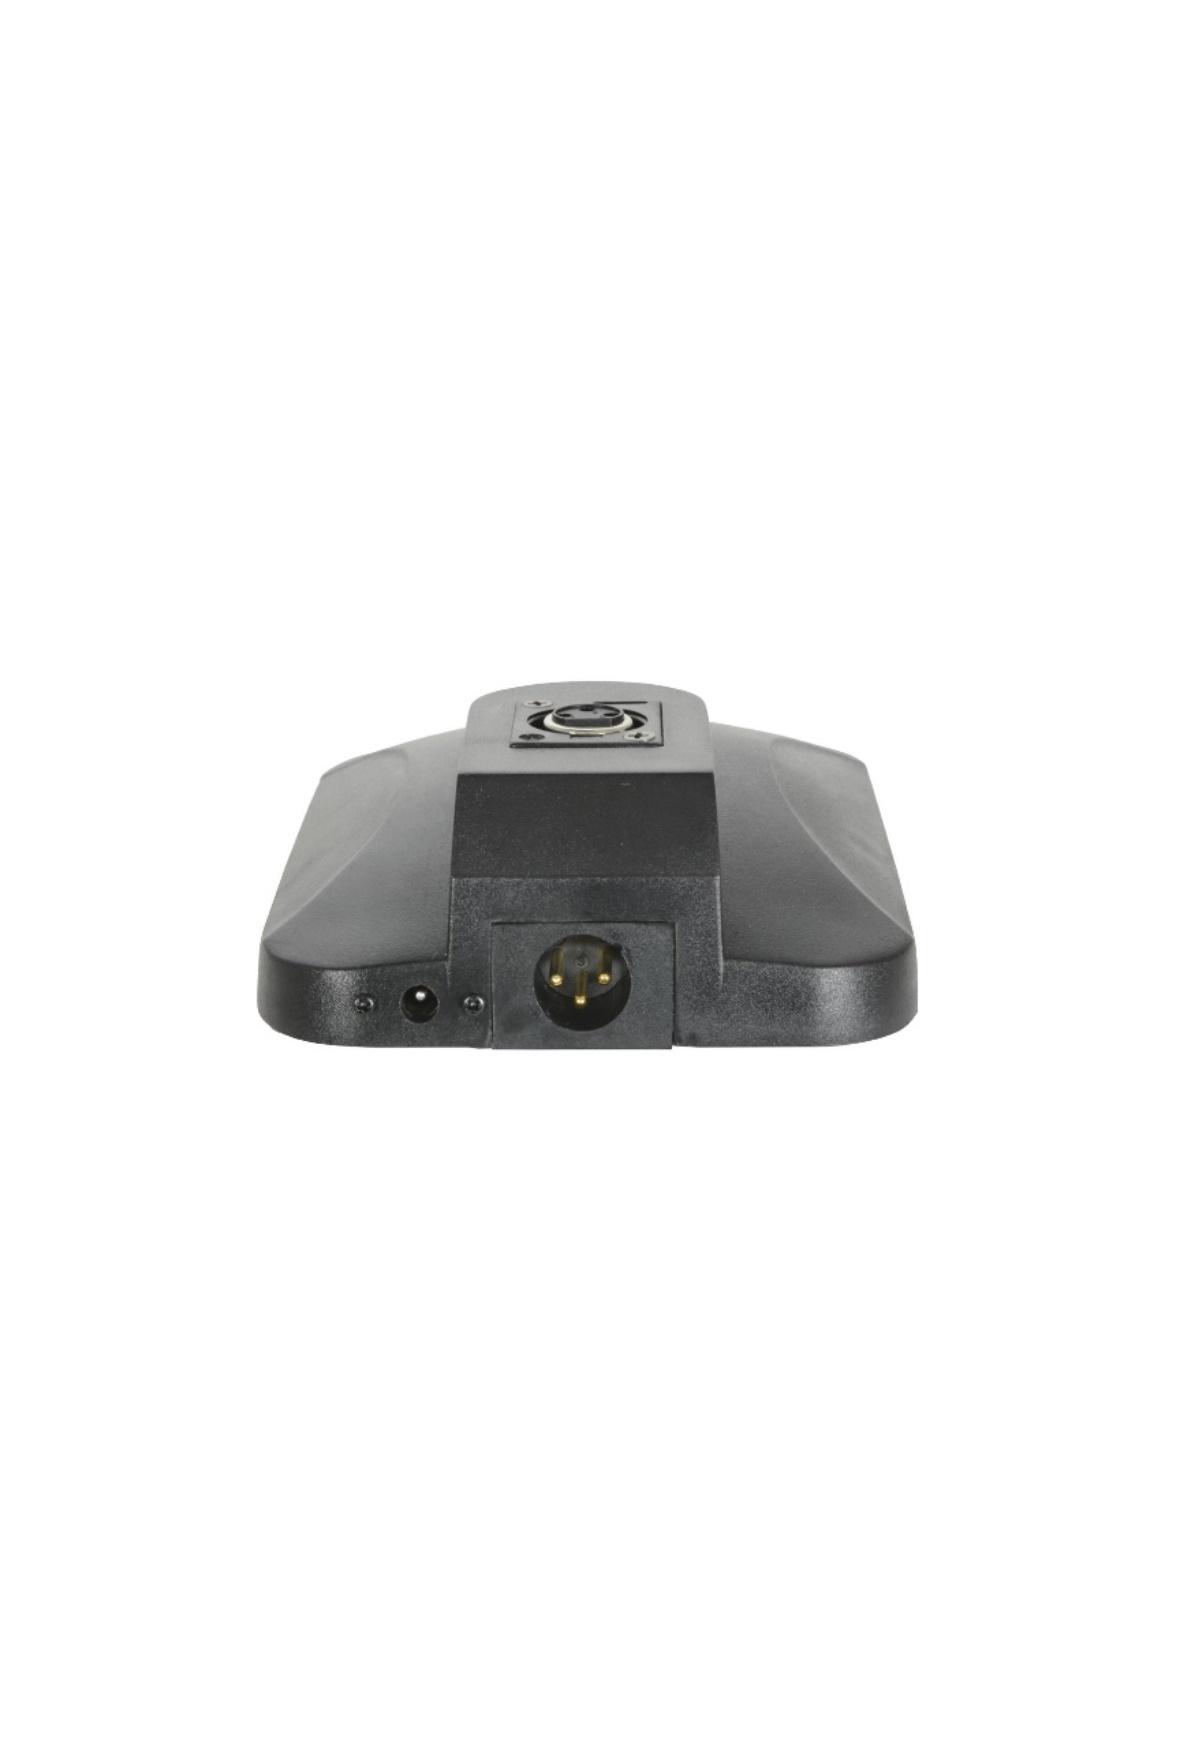 Adastra COM60 Επαγγελματικό Συνεδριακό Μικρόφωνο με Βάση